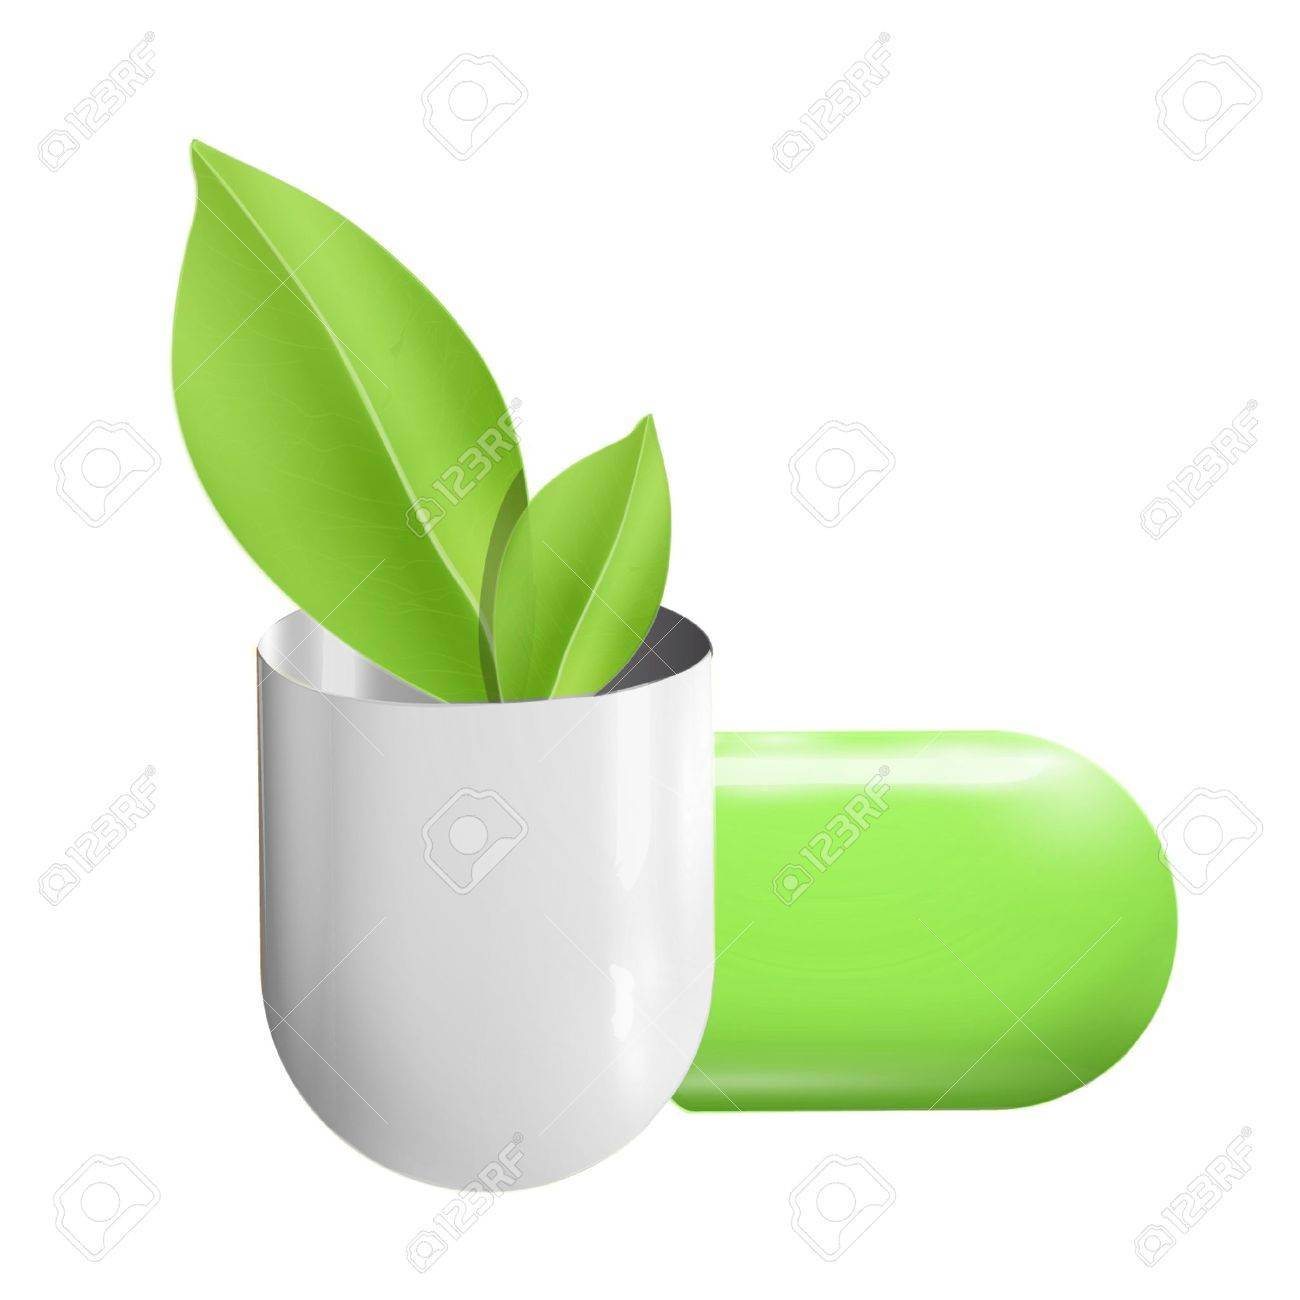 Pill whit ecologic leaf inside  Vector design Stock Vector - 17303206